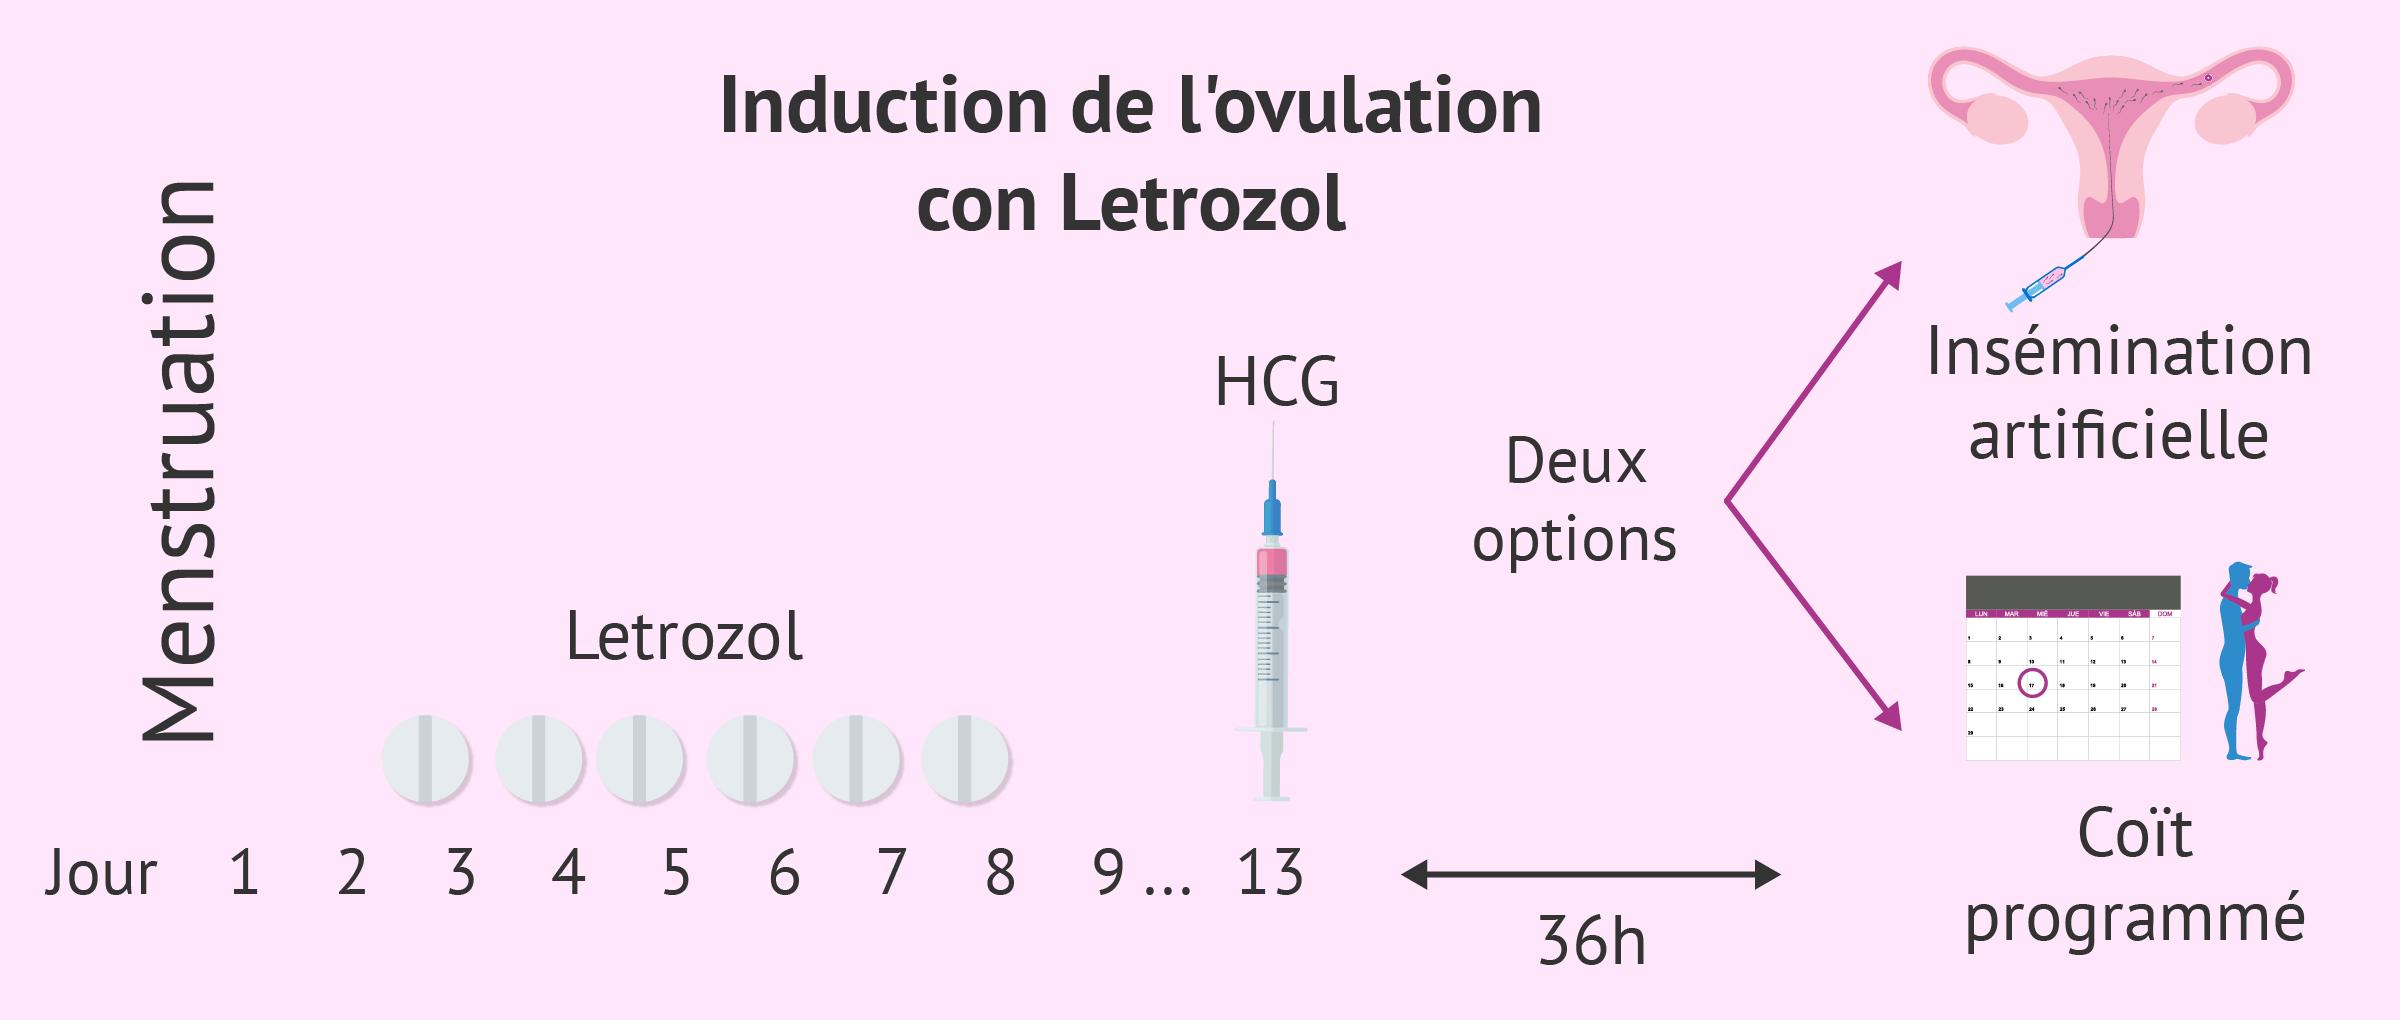 Mode d'administration pour obtenir l'ovulation avec un SOPK